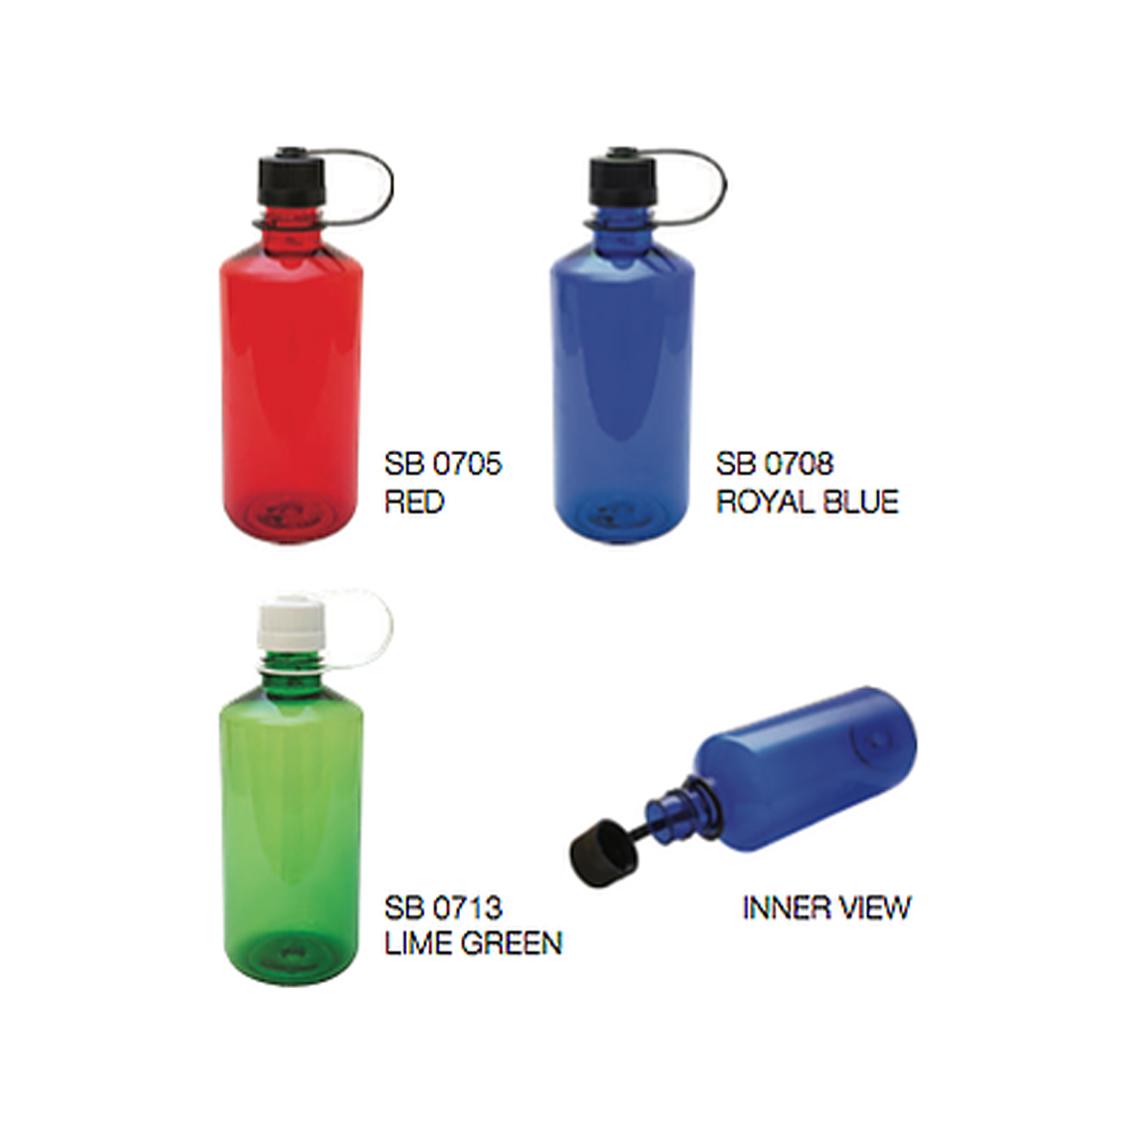 SB07 AS Material, 1000 ml 5